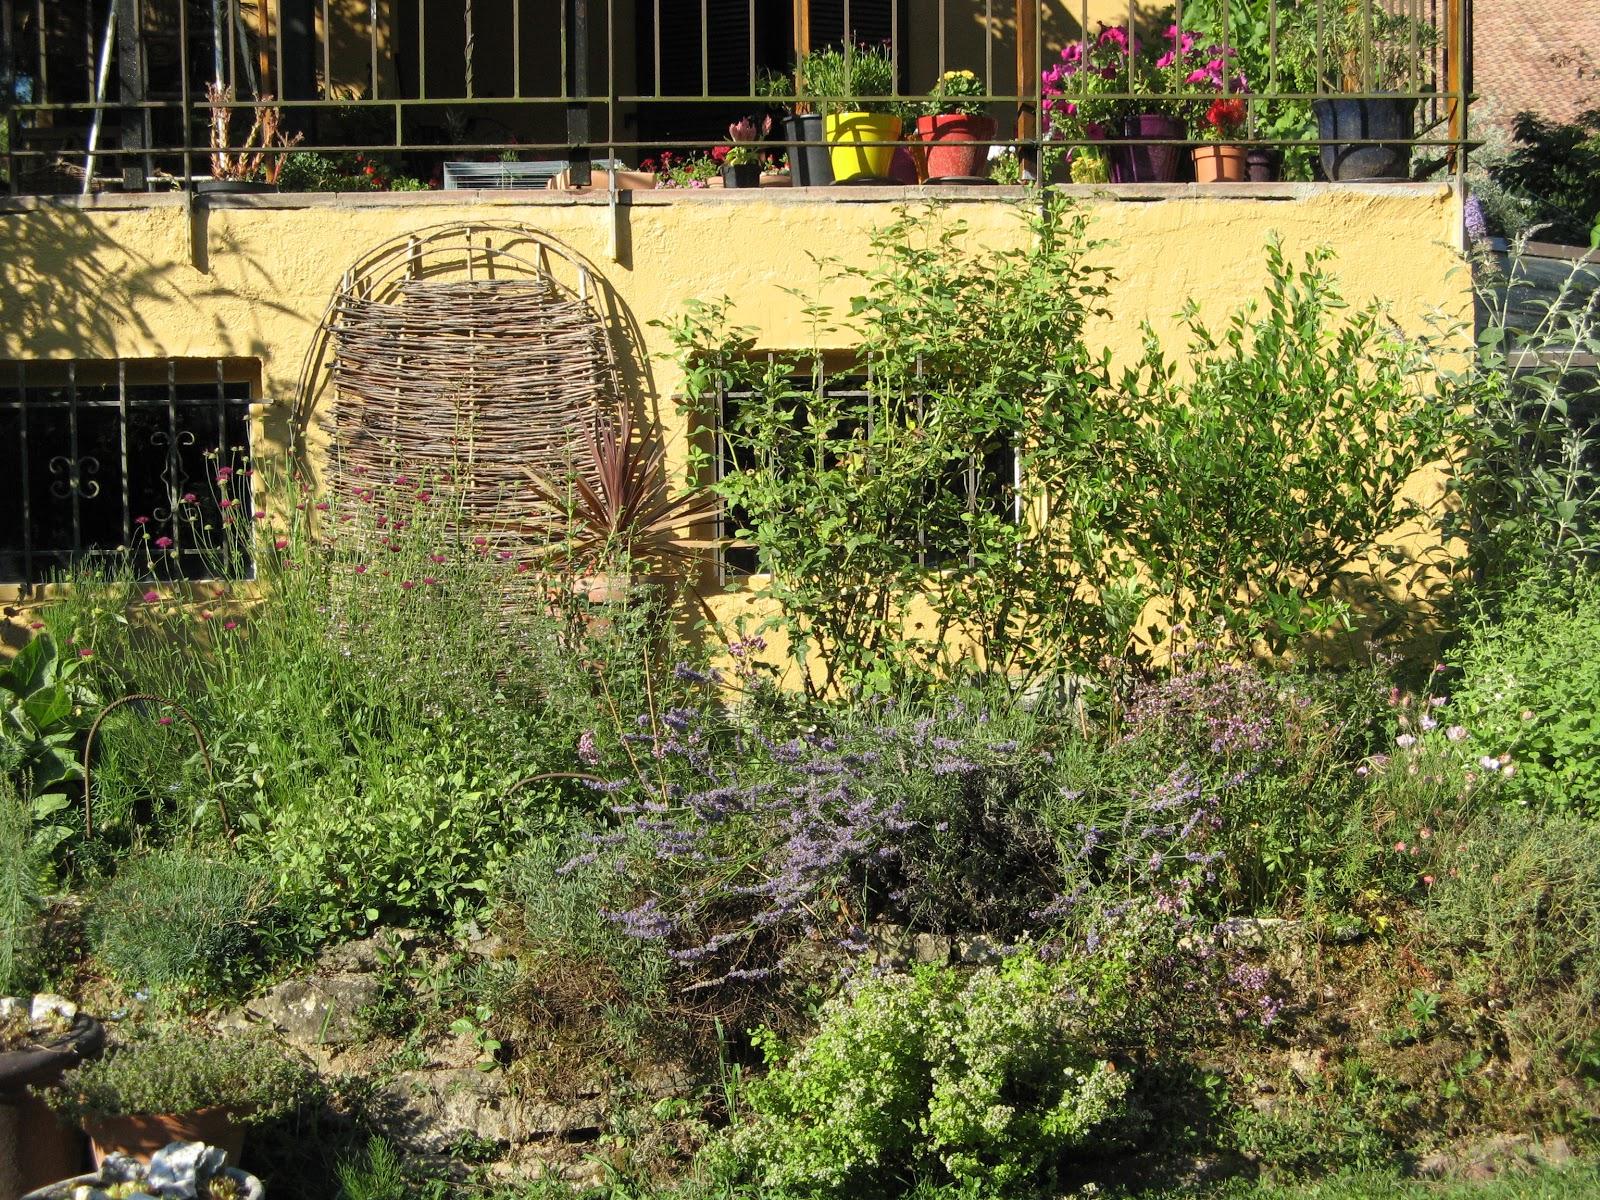 Le jardin de brigitte alsace le premier jour du blog - Les jardins d alsace ...